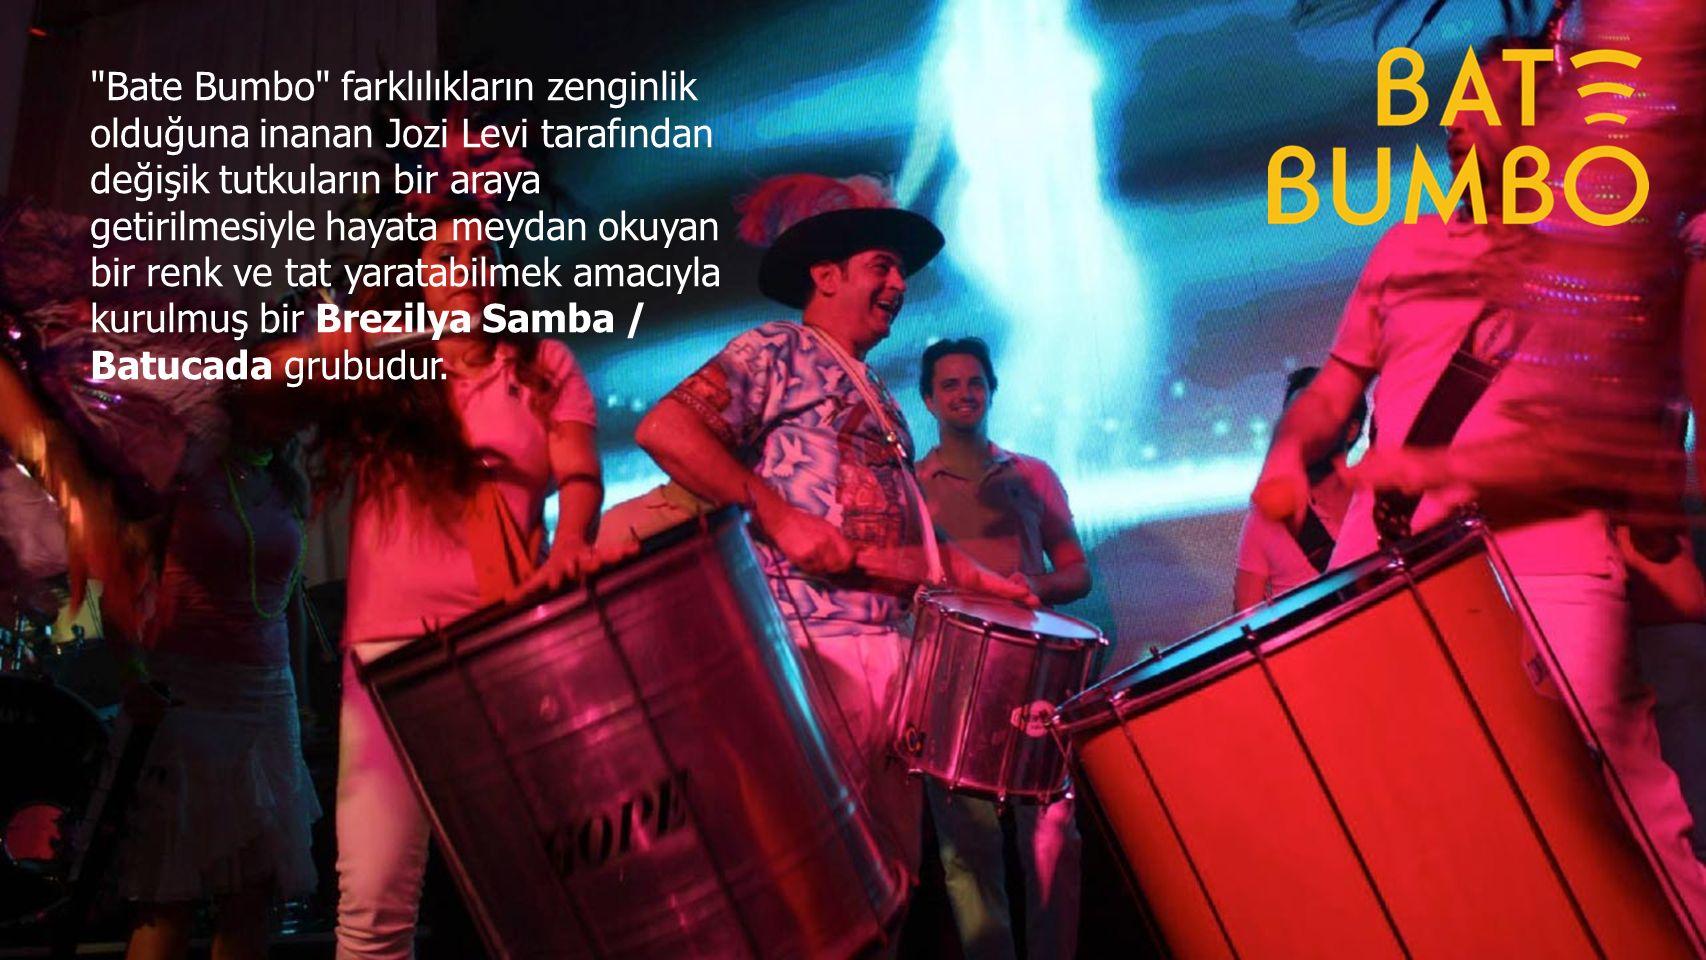 Bate Bumbo farklılıkların zenginlik olduğuna inanan Jozi Levi tarafından değişik tutkuların bir araya getirilmesiyle hayata meydan okuyan bir renk ve tat yaratabilmek amacıyla kurulmuş bir Brezilya Samba / Batucada grubudur.